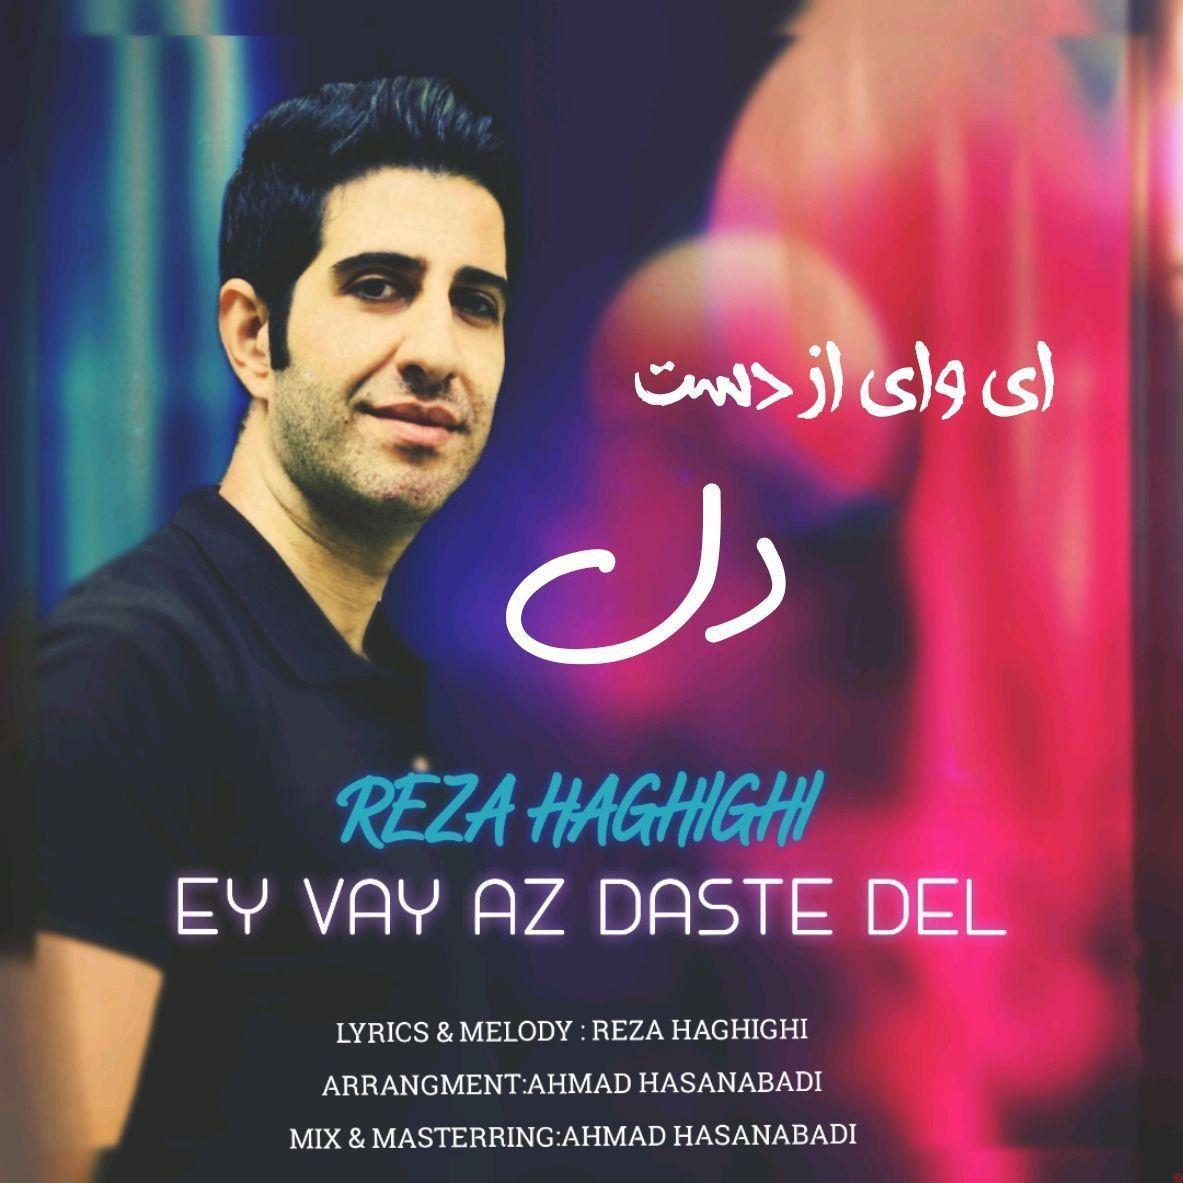 Reza Haghighi – Ey Vay Az Daste Del